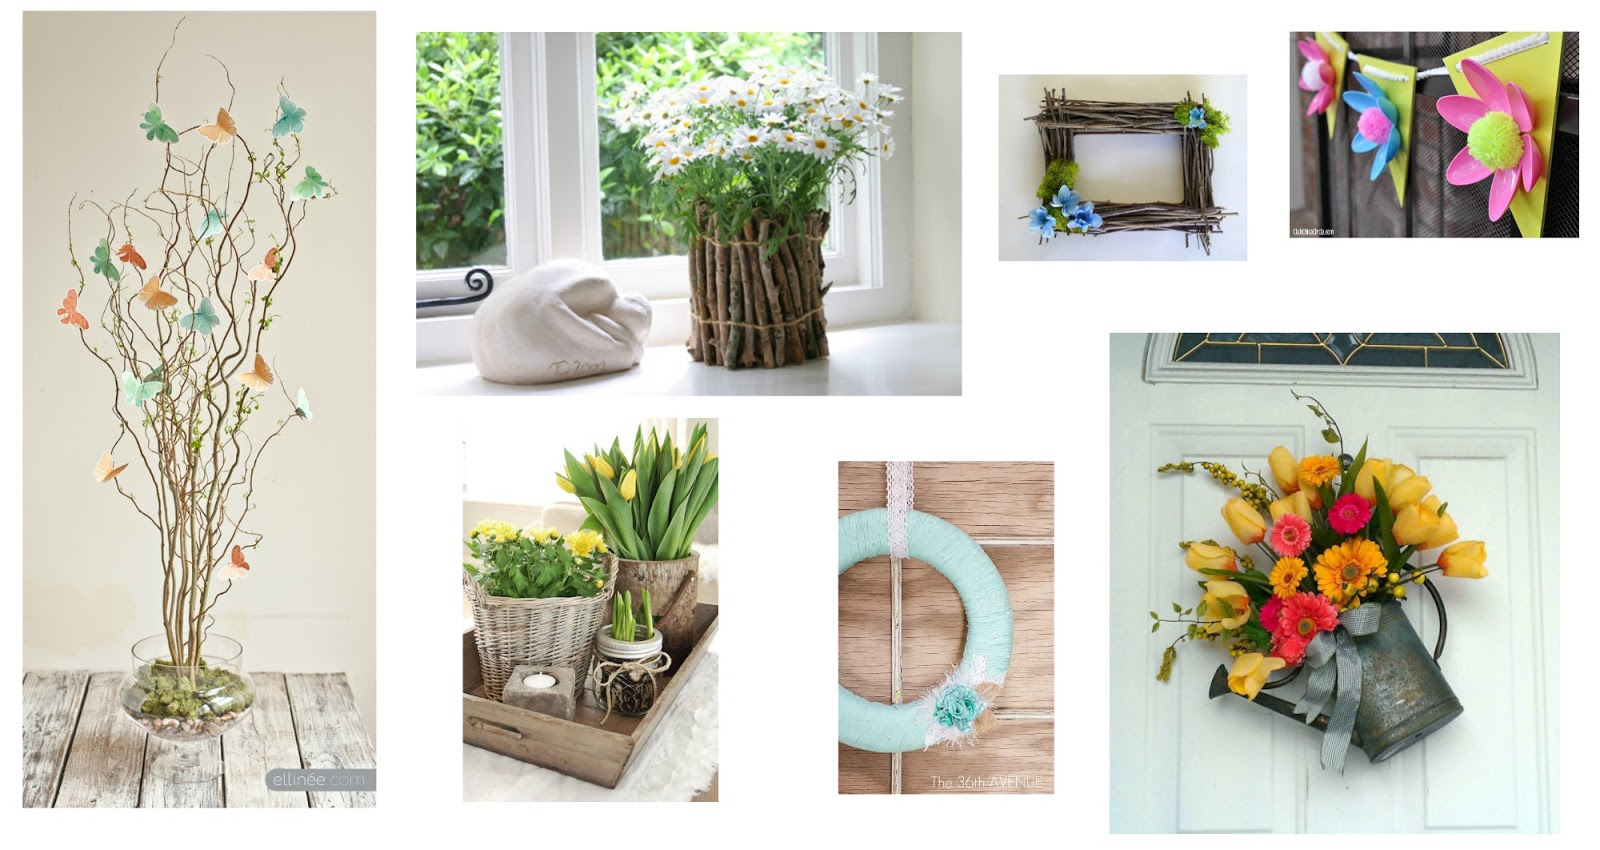 7 idee primaverili fai da te per decorare casa col riciclo donneinpink magazine - Idee casa fai da te ...